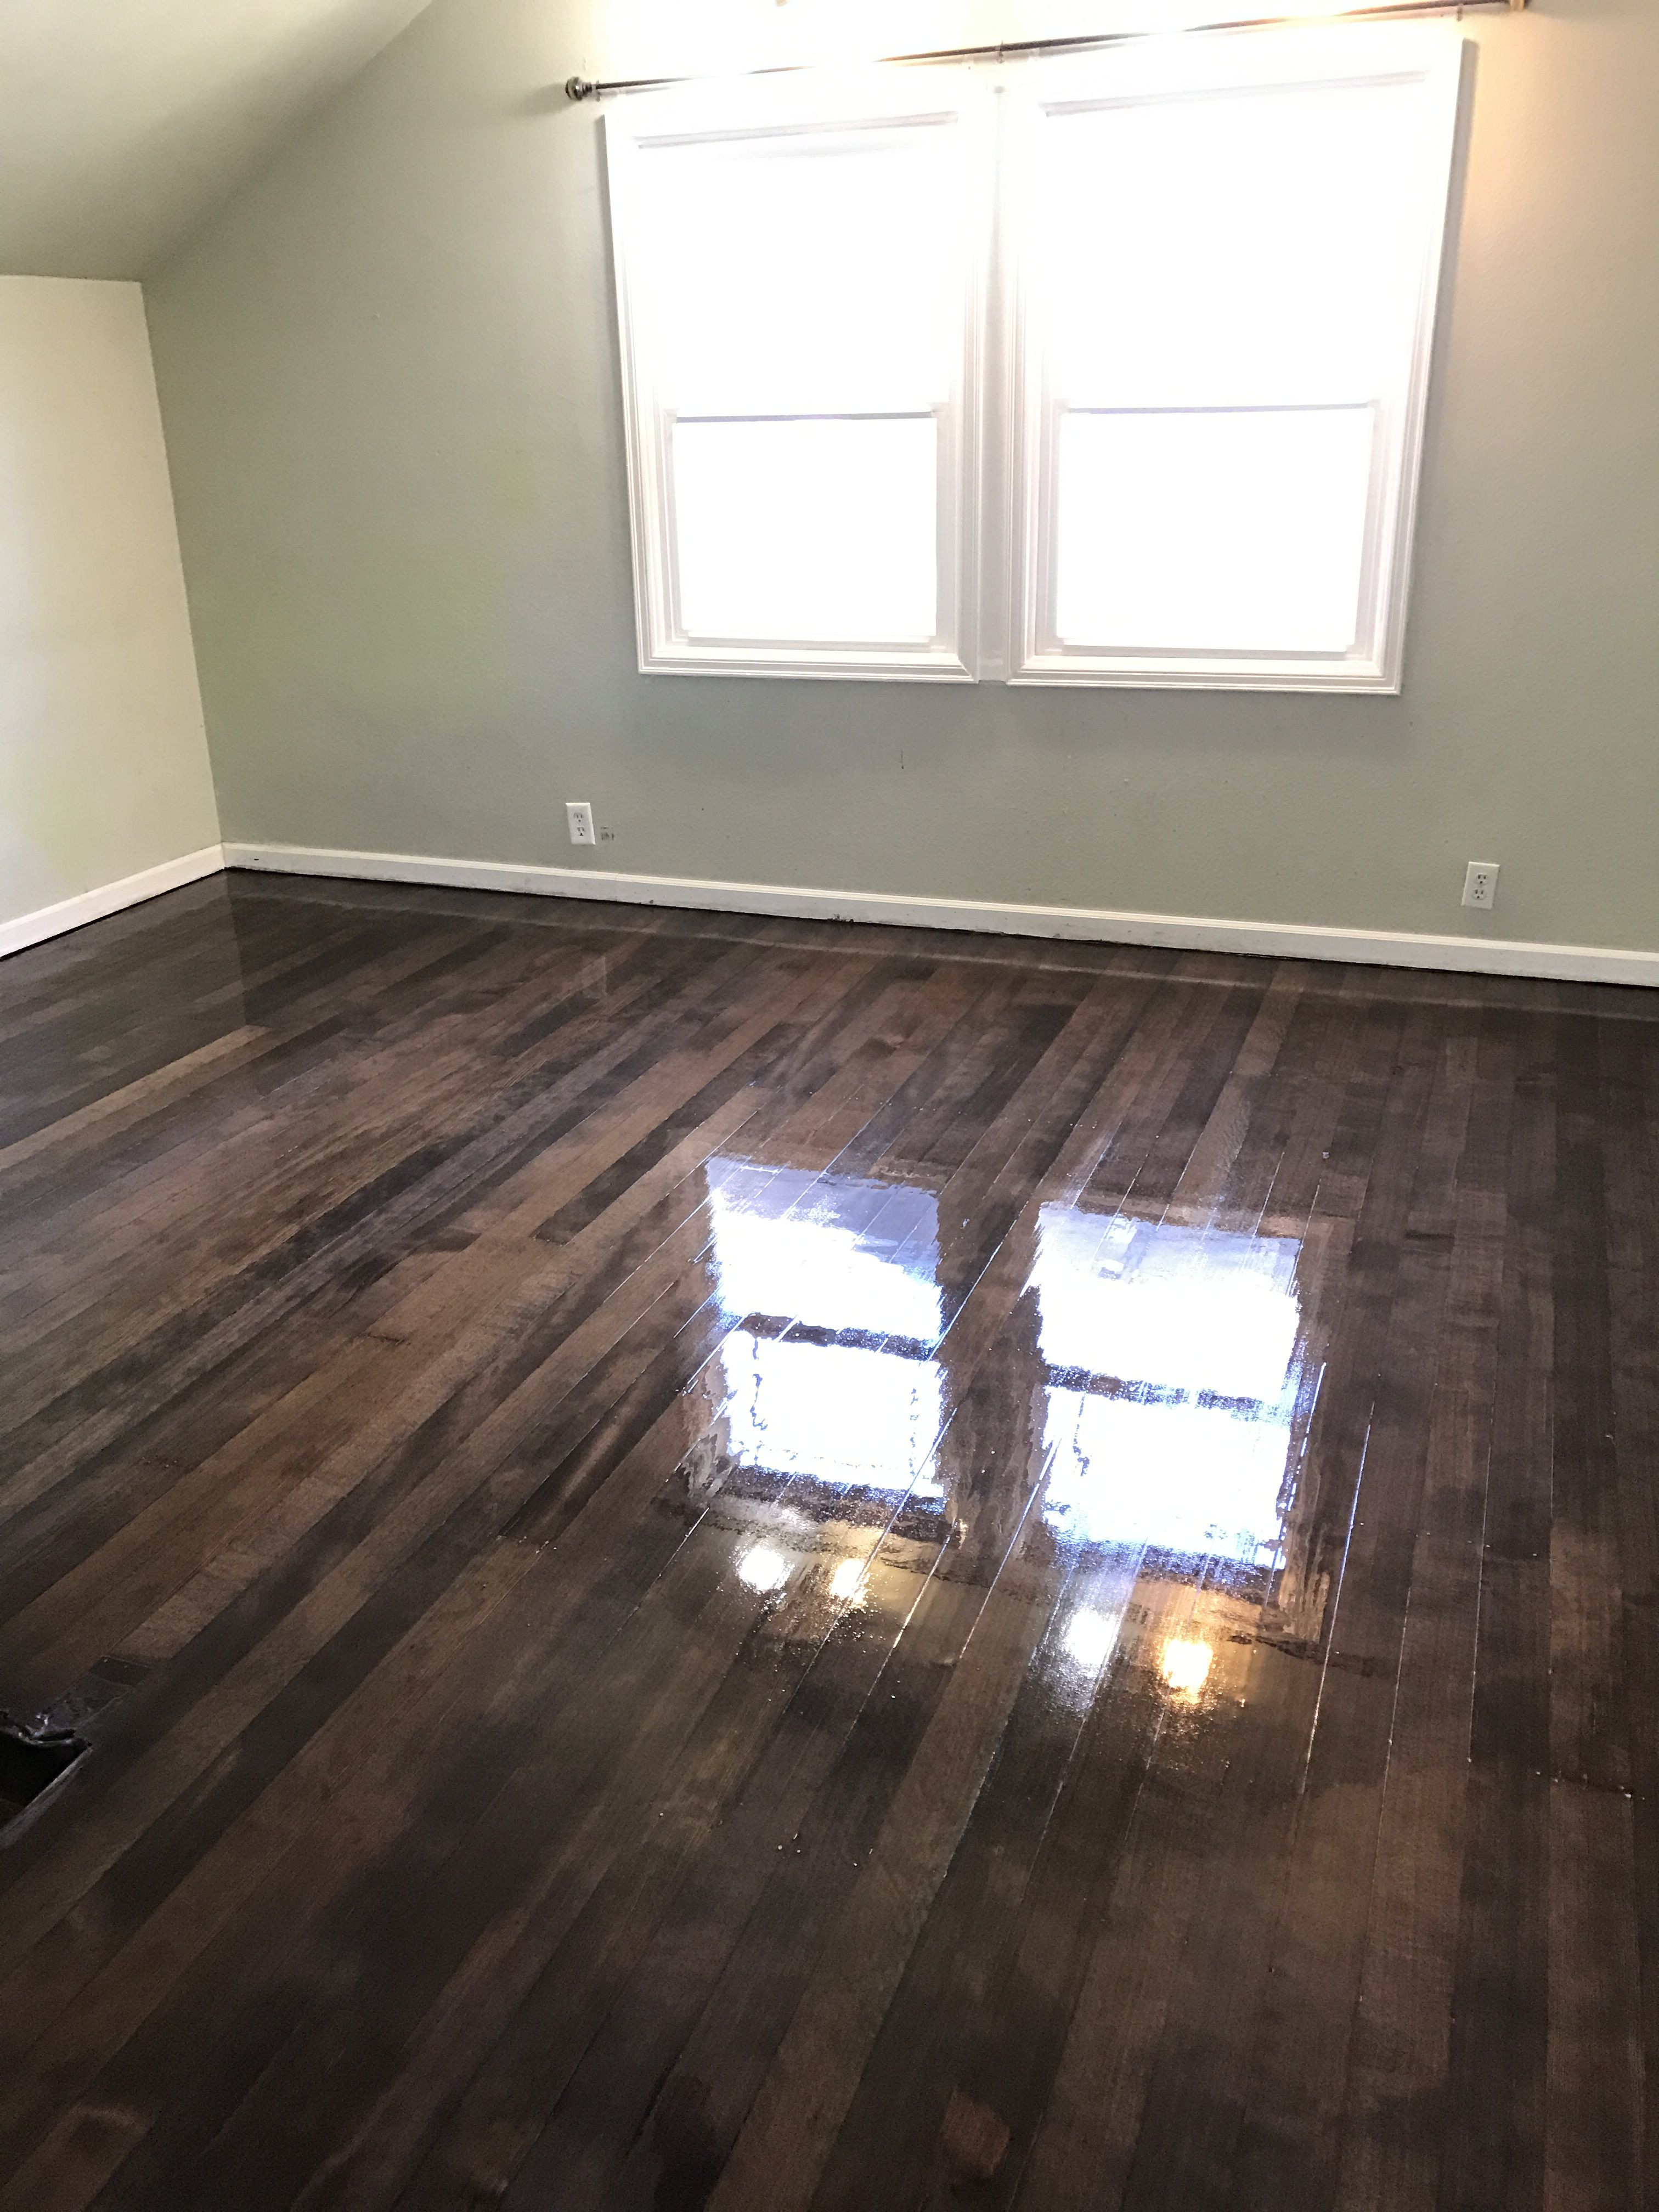 jacobean bamboo hardwood flooring of hardwood floor refinishing chicago jacobean stained fir wood floors within hardwood floor refinishing chicago jacobean stained fir wood floors